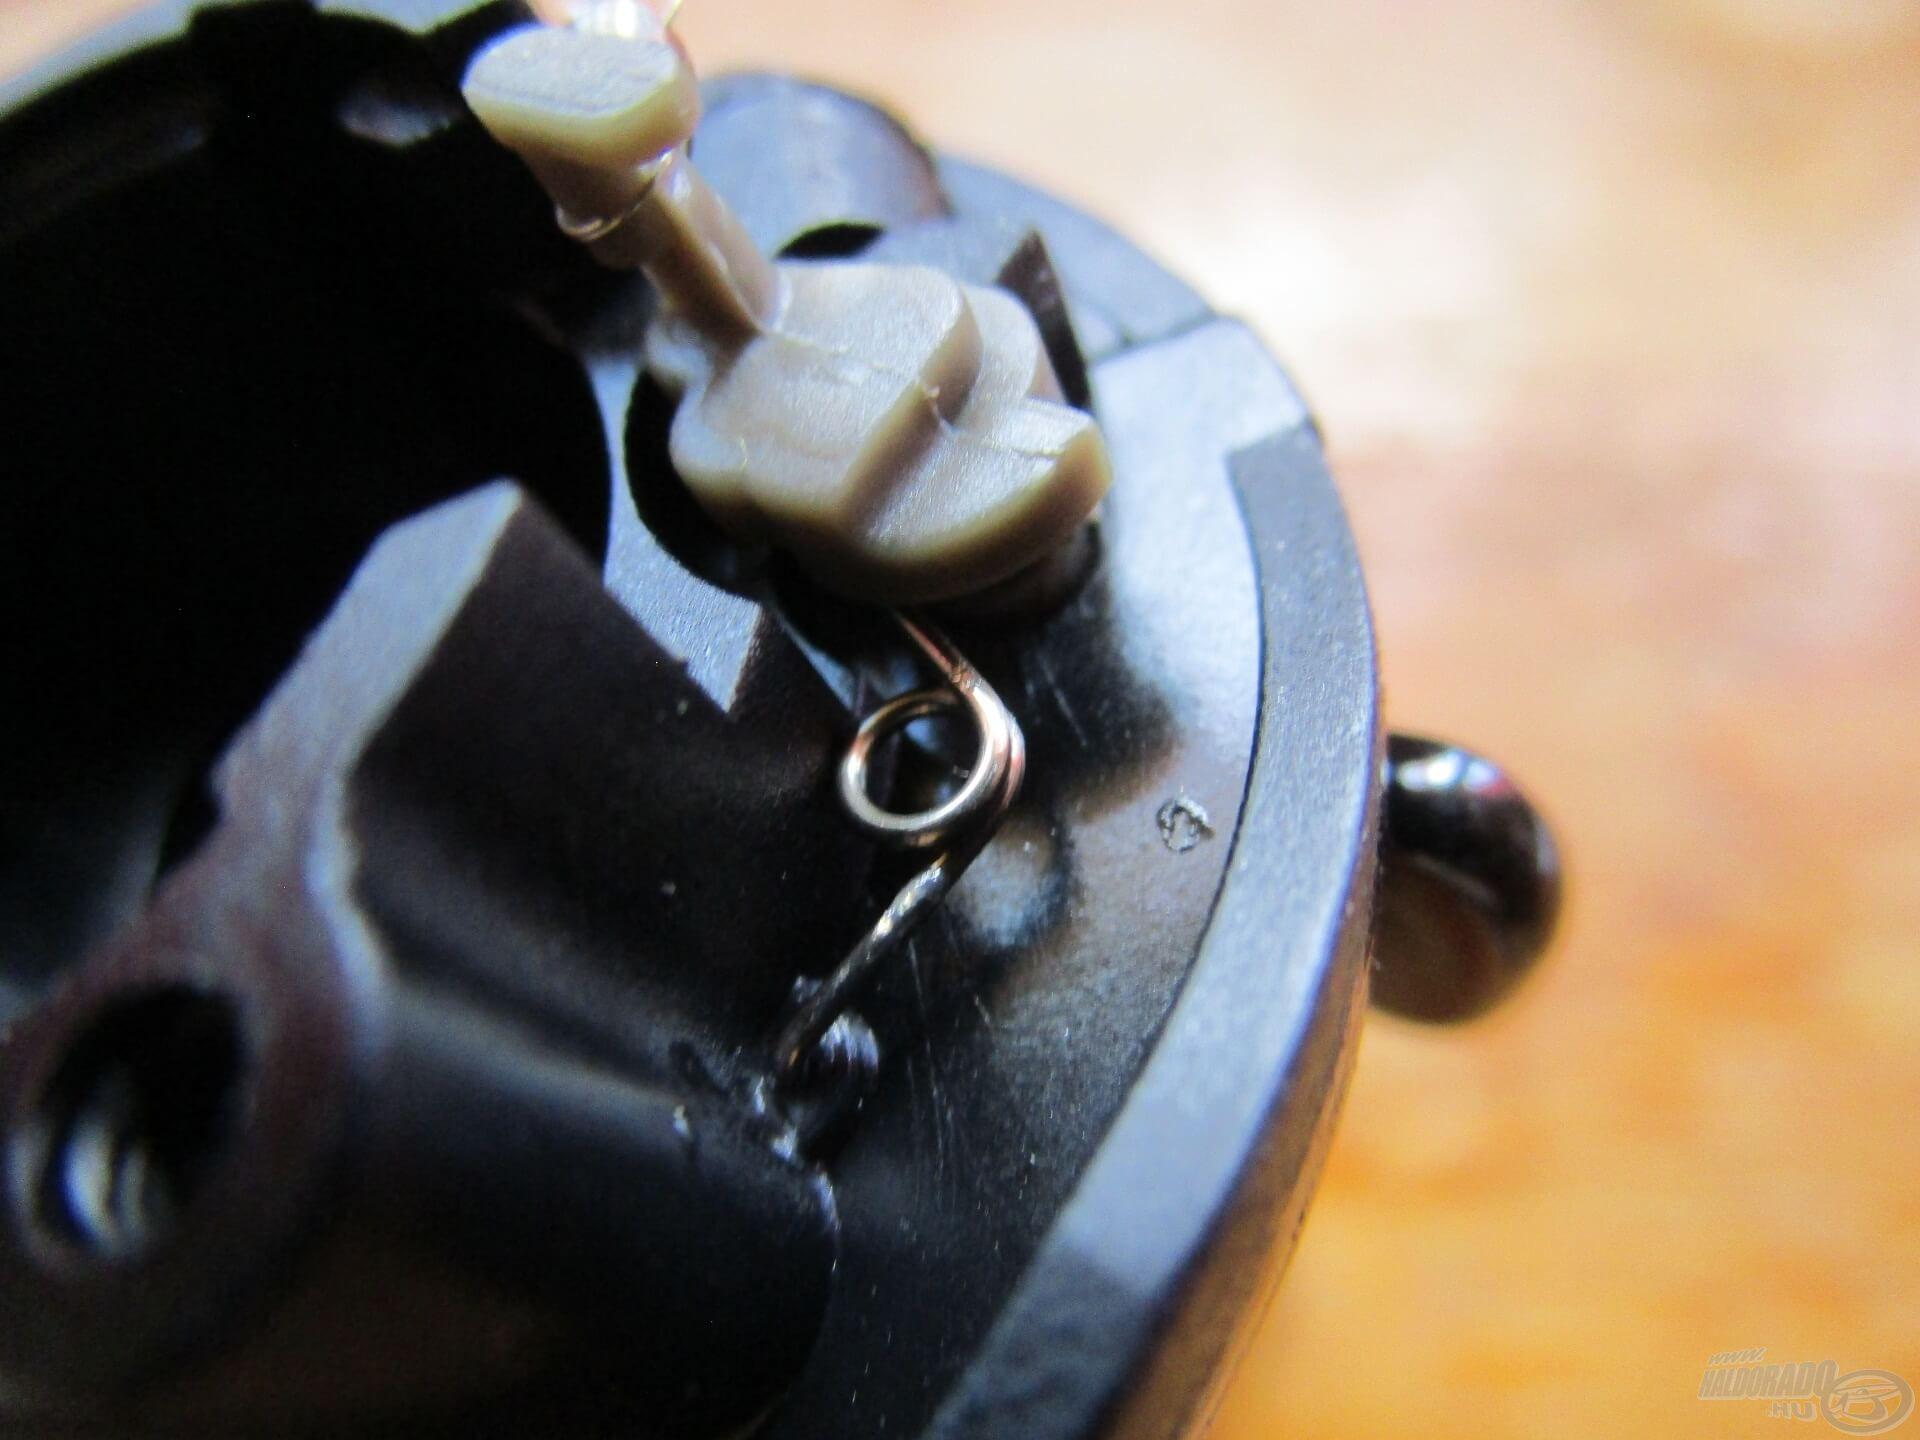 A visszaforgásgátlót legtöbbször néhány csavar és egy fémkeret tartja a helyén. Ezek eltávolítása után óvatosan kiemelhető az egész. De! A kapcsolóhoz nem kell nyúlni, mert ha kipattan a torziós rugója, az nem várt következményekkel járhat!